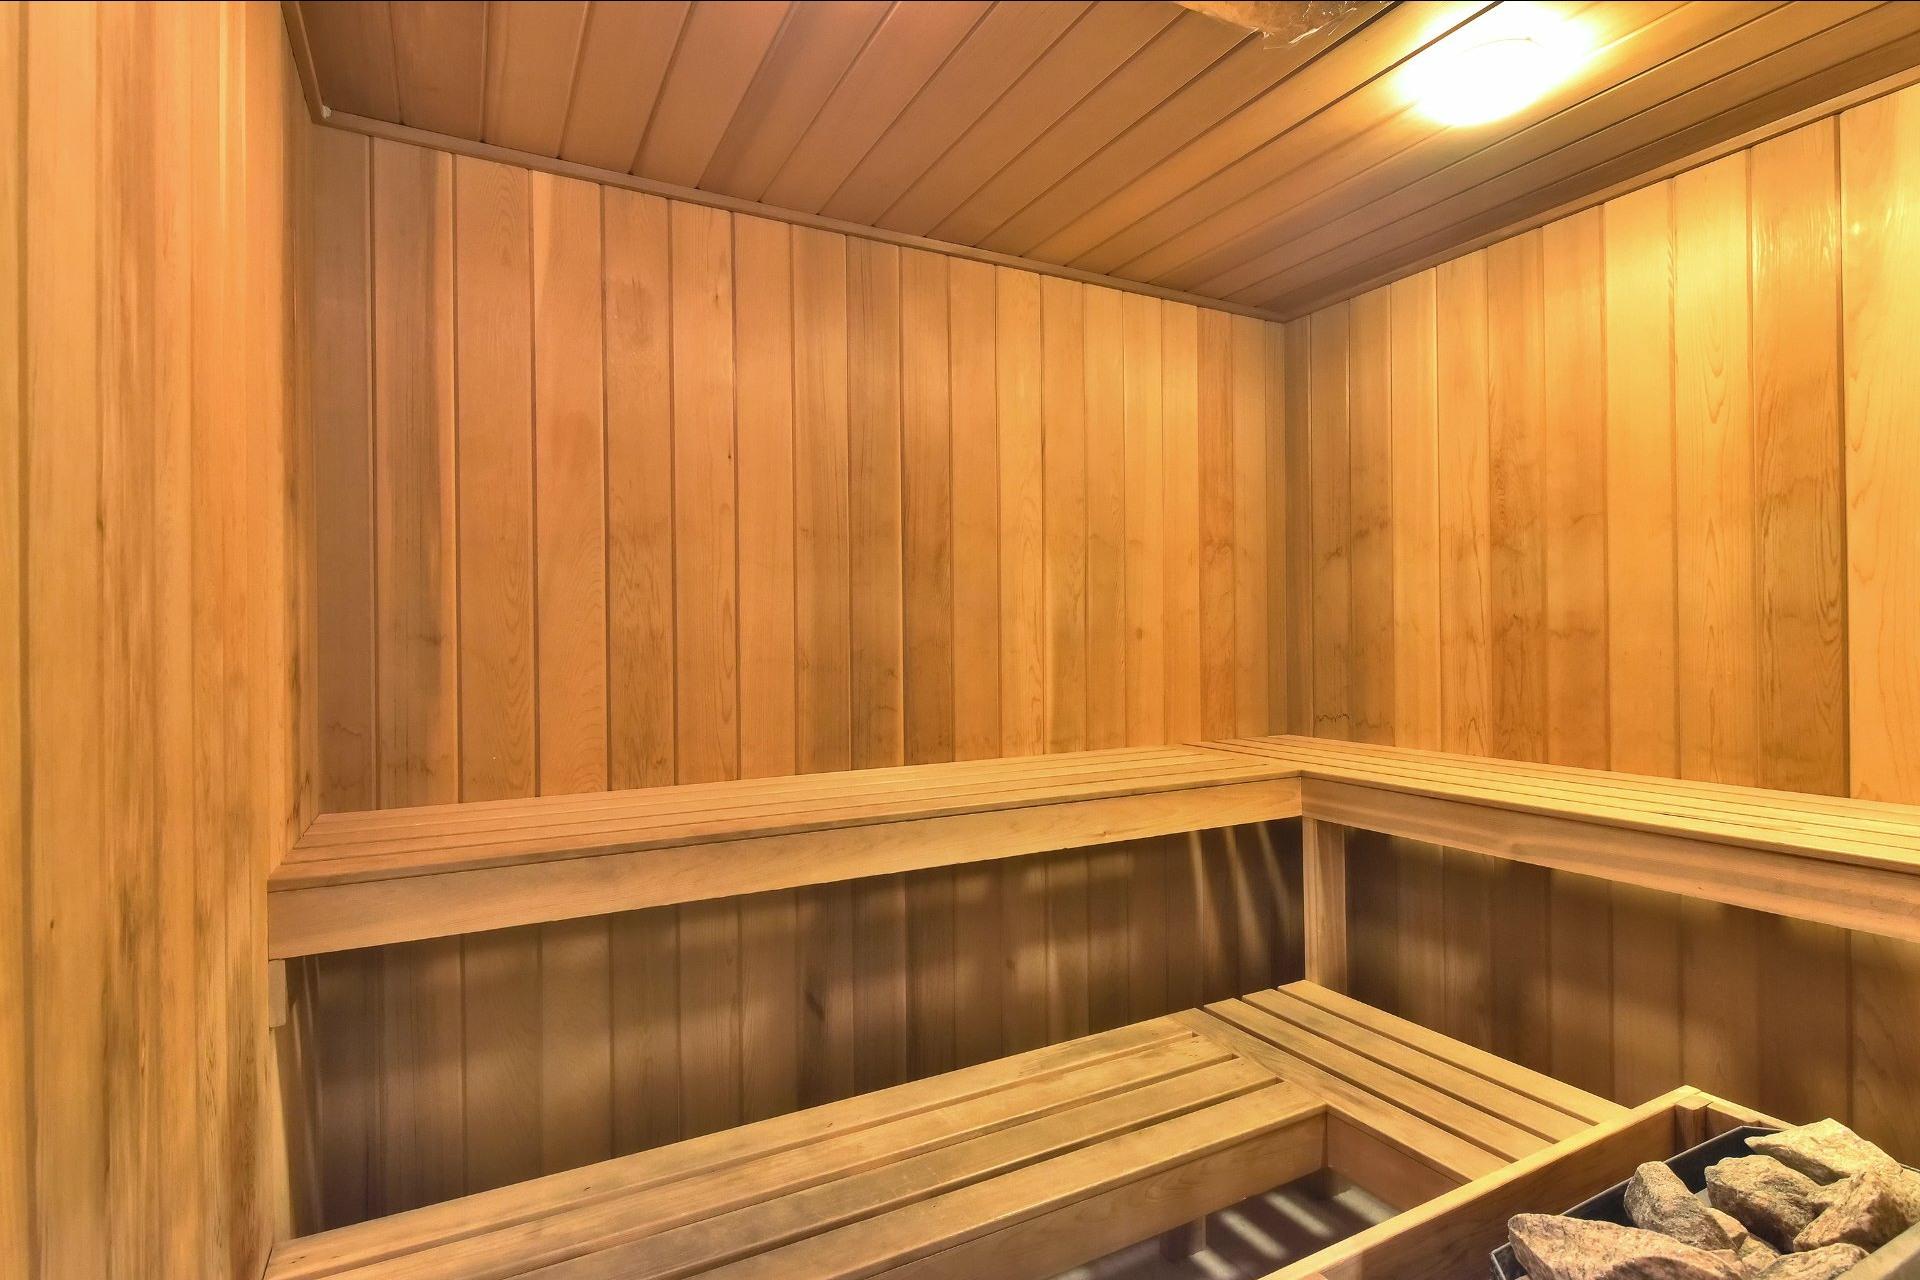 image 36 - Apartment For sale Côte-Saint-Luc - 5 rooms